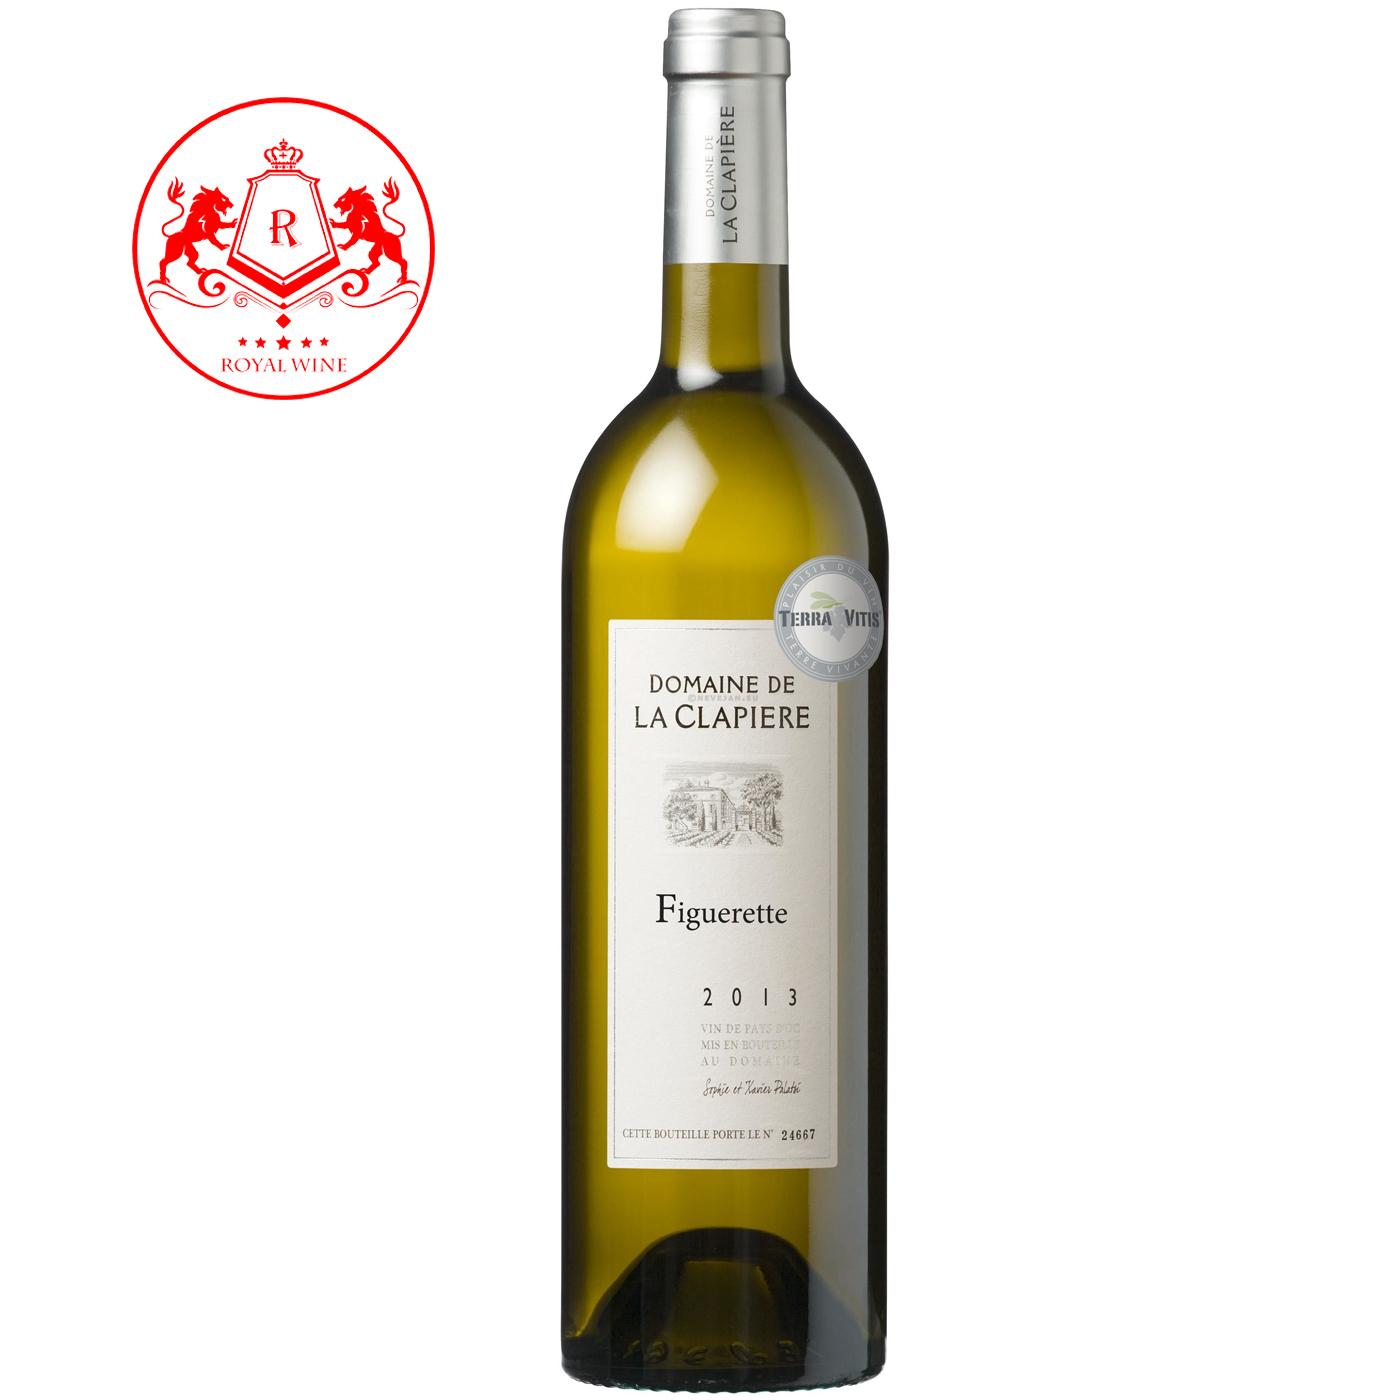 Rượu vang Domaine de LA CLAPIERE Figuerette